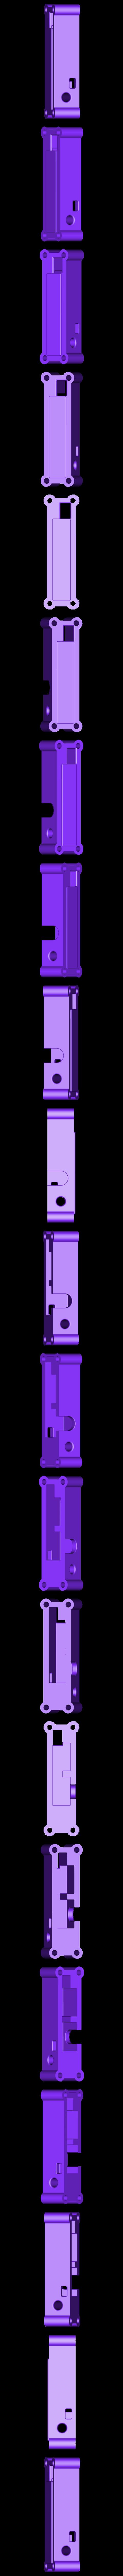 GIE KRAFT A002 006 Entretoise.stl Download free STL file 5.8GHz Transmitter Holder with Miniature Camera • 3D printable object, JJB